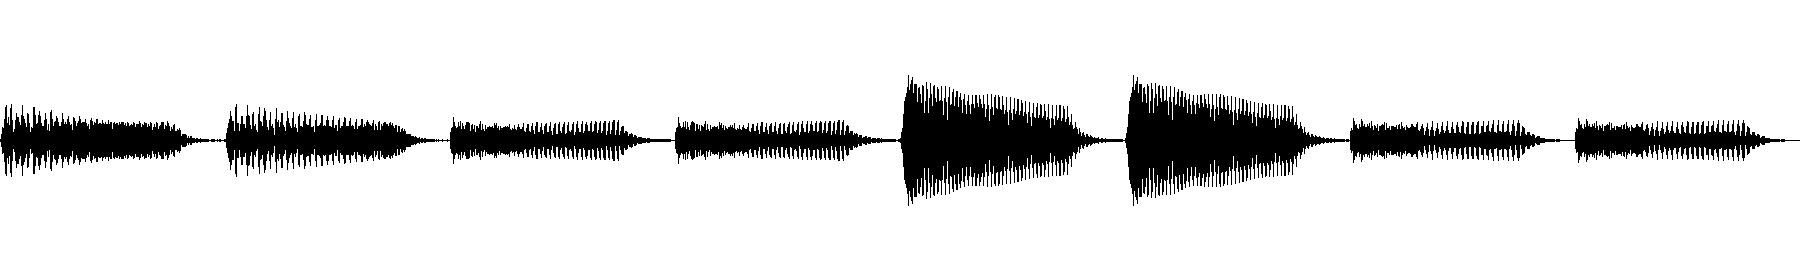 ukulele bass loop no. 1 100 bpm